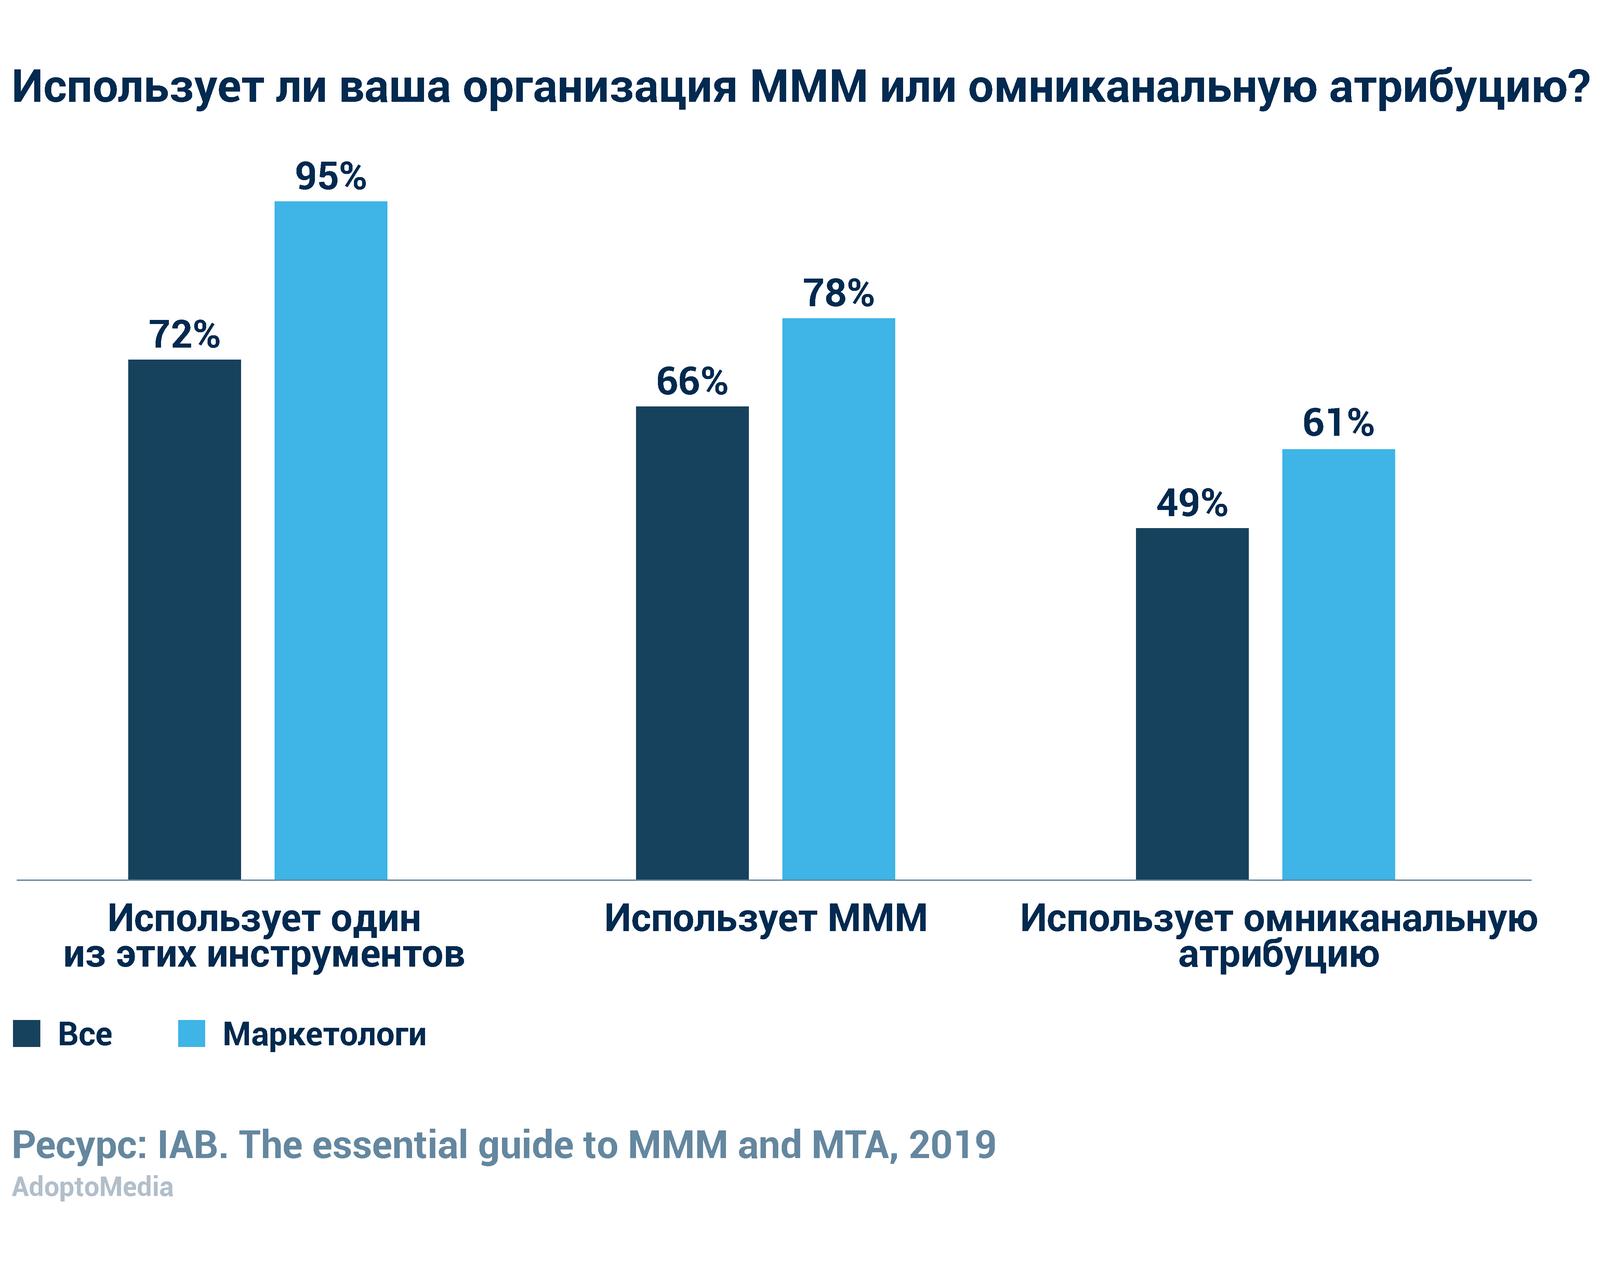 Моделирование маркетингового микса, MMM, омниканальная атрибуция, Multi Touch атрибуция, оценка эффективности маркетинга, маркетинг-аналитика